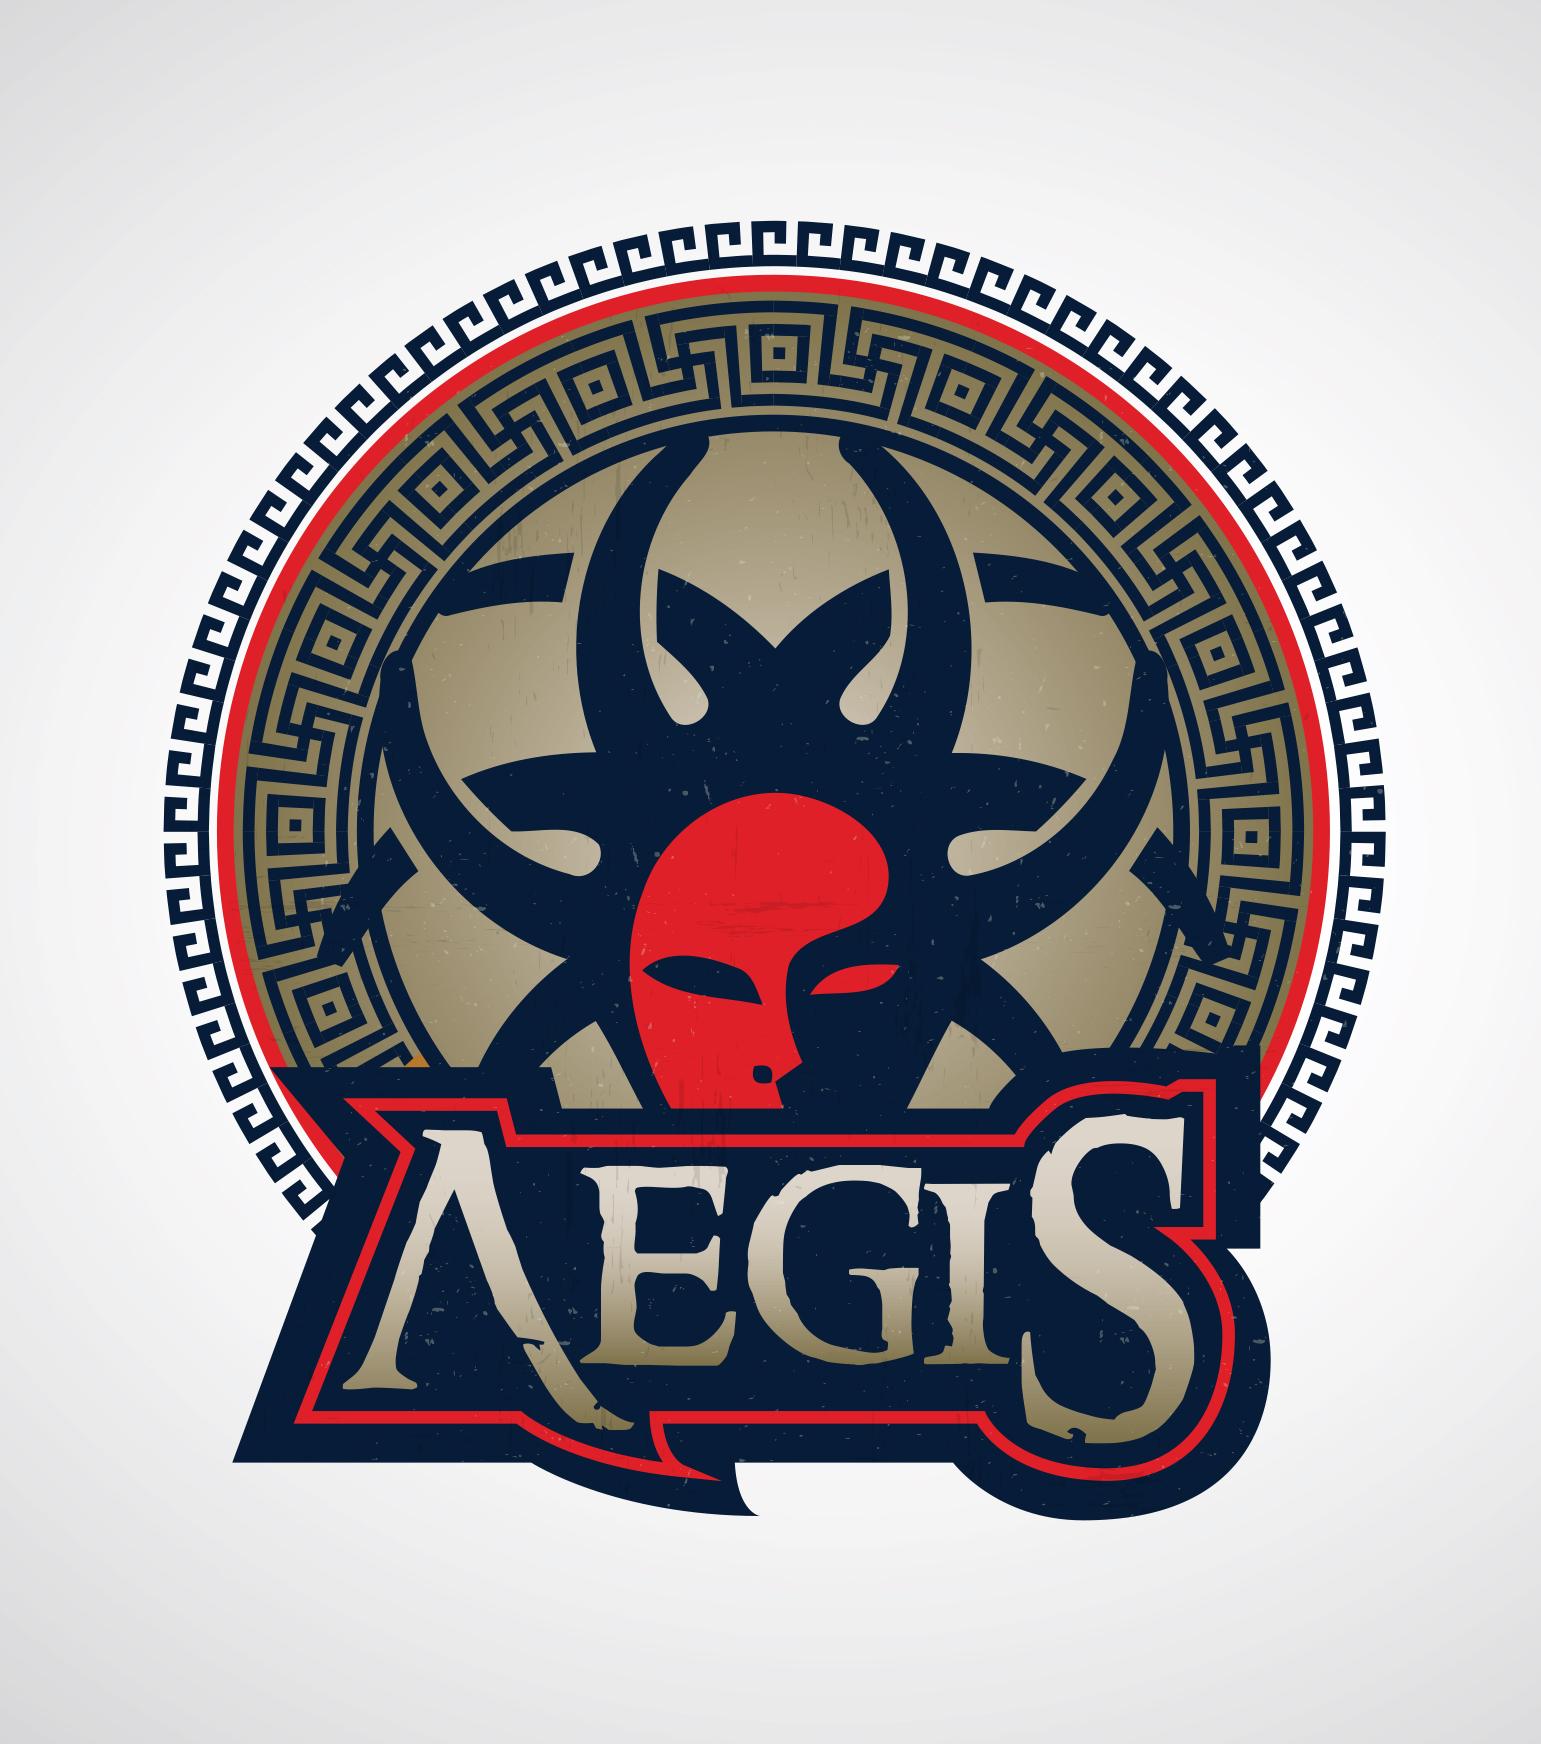 AEGIS_Logo-2.jpg (1.05 MB)